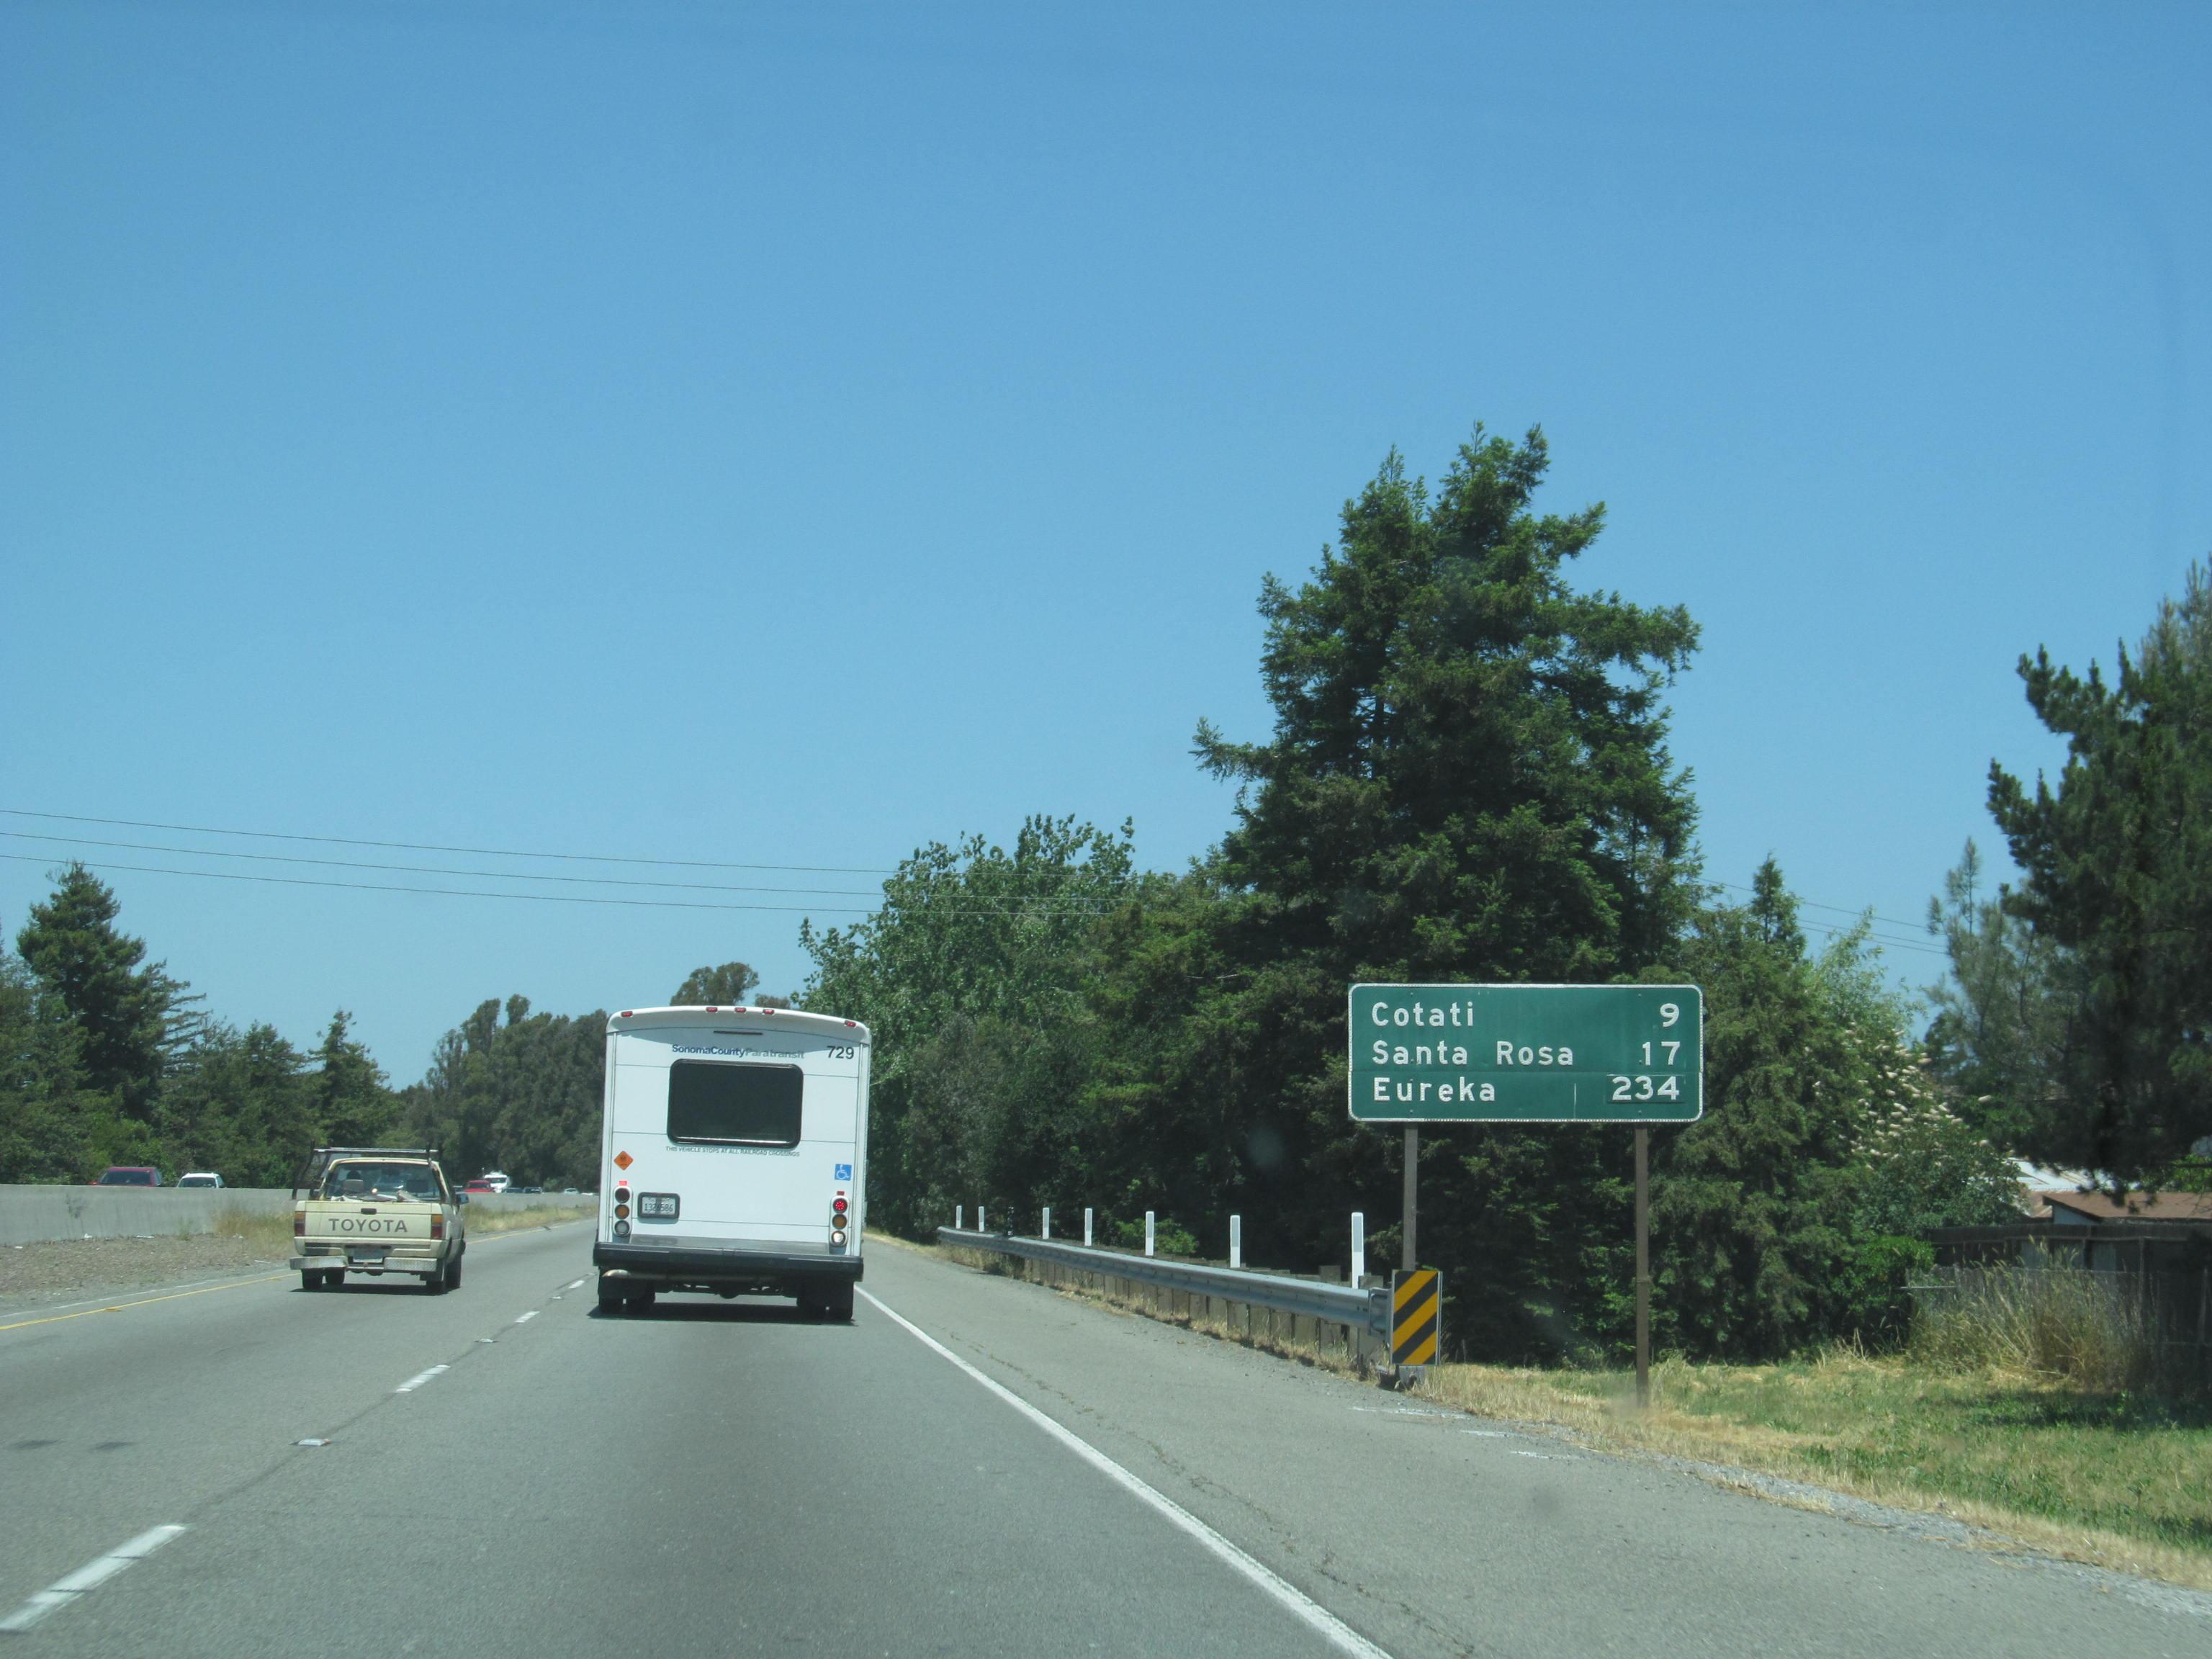 U.S. Route 101 in California - Wikipedia